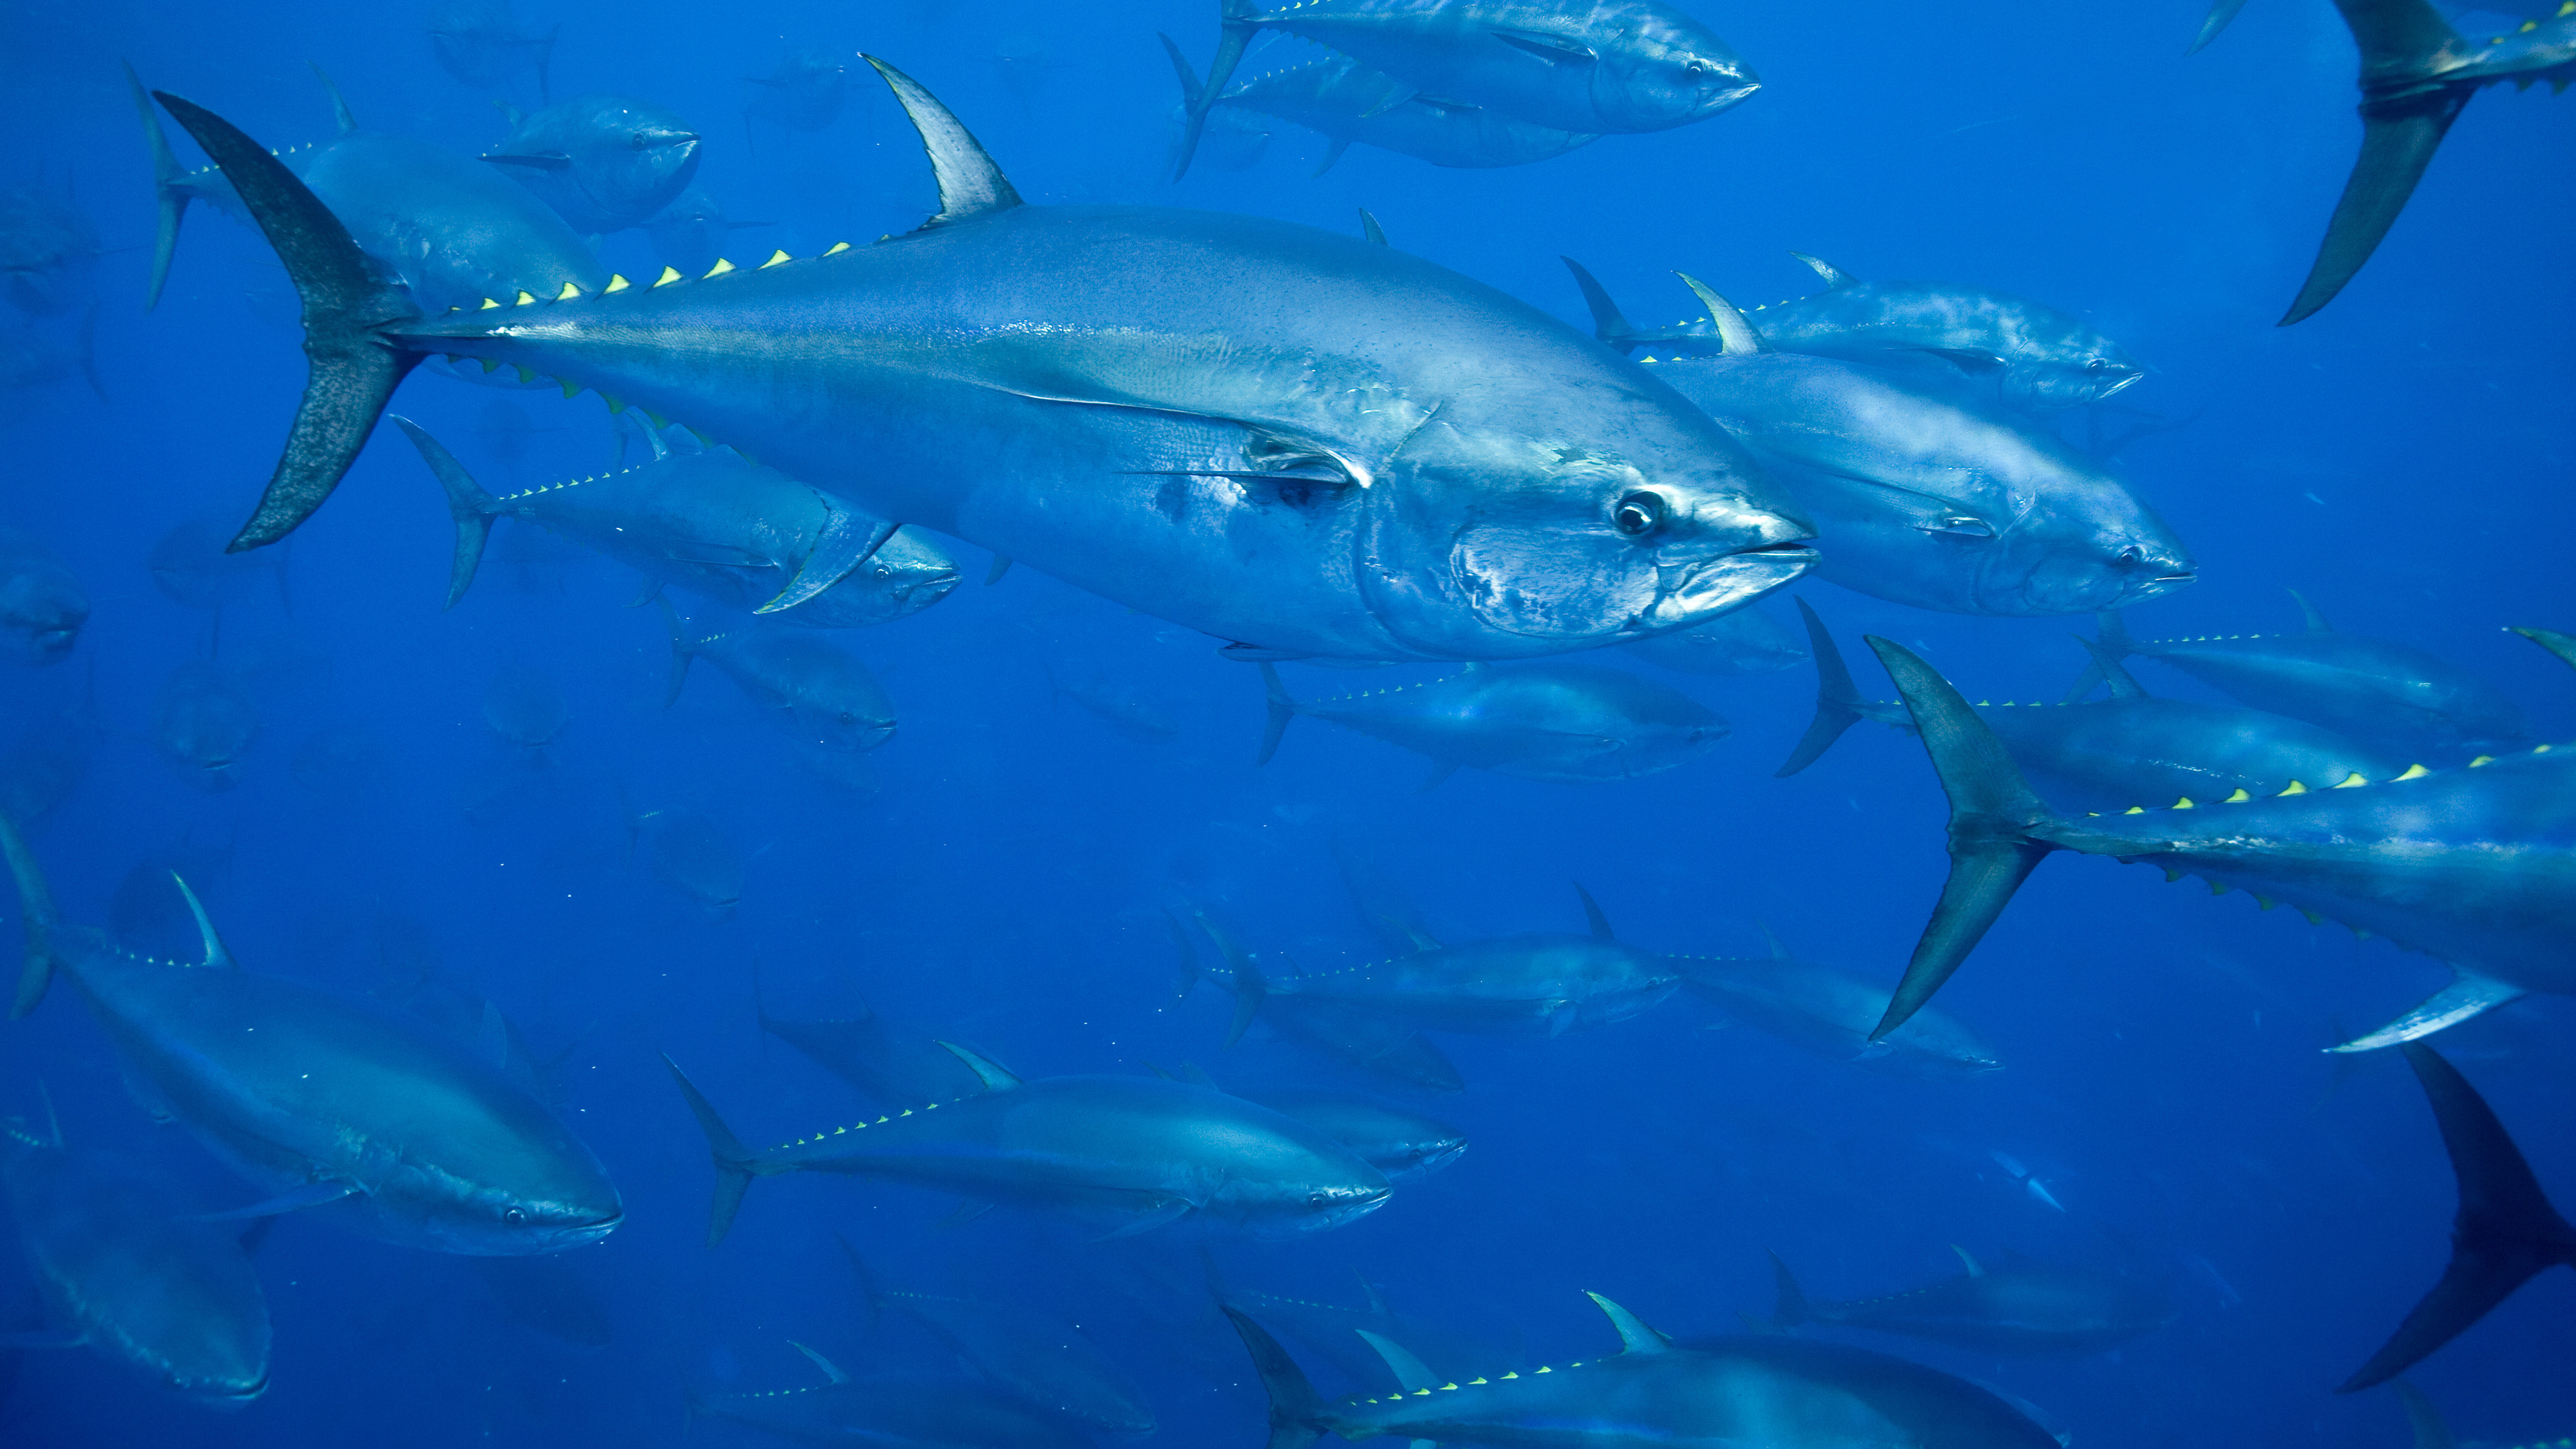 Protecting Atlantic Bluefin Tuna